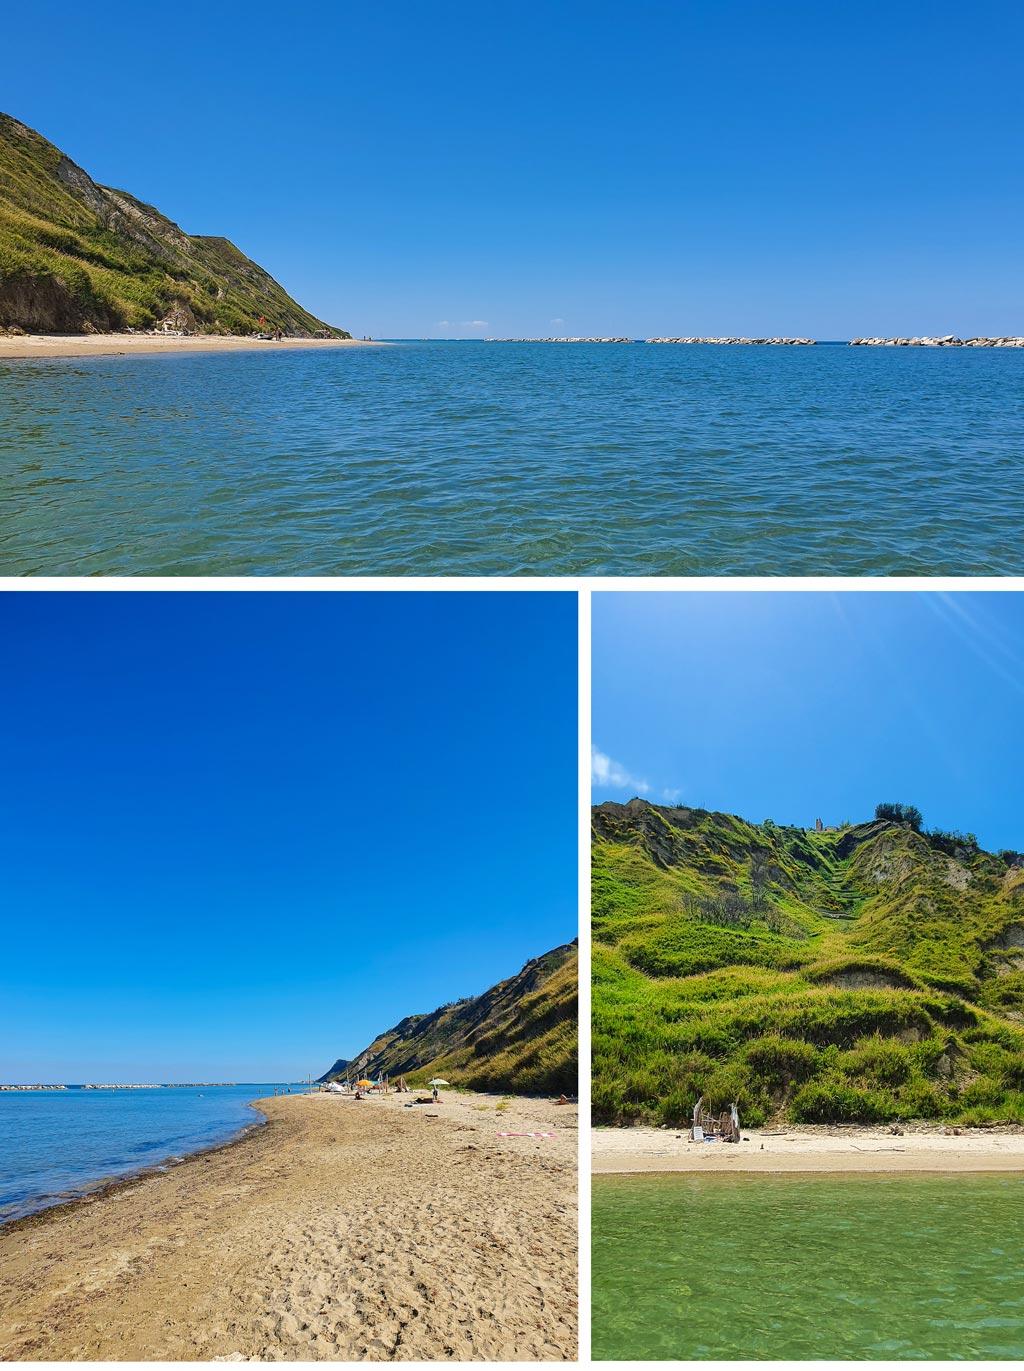 spiaggia di focara mare